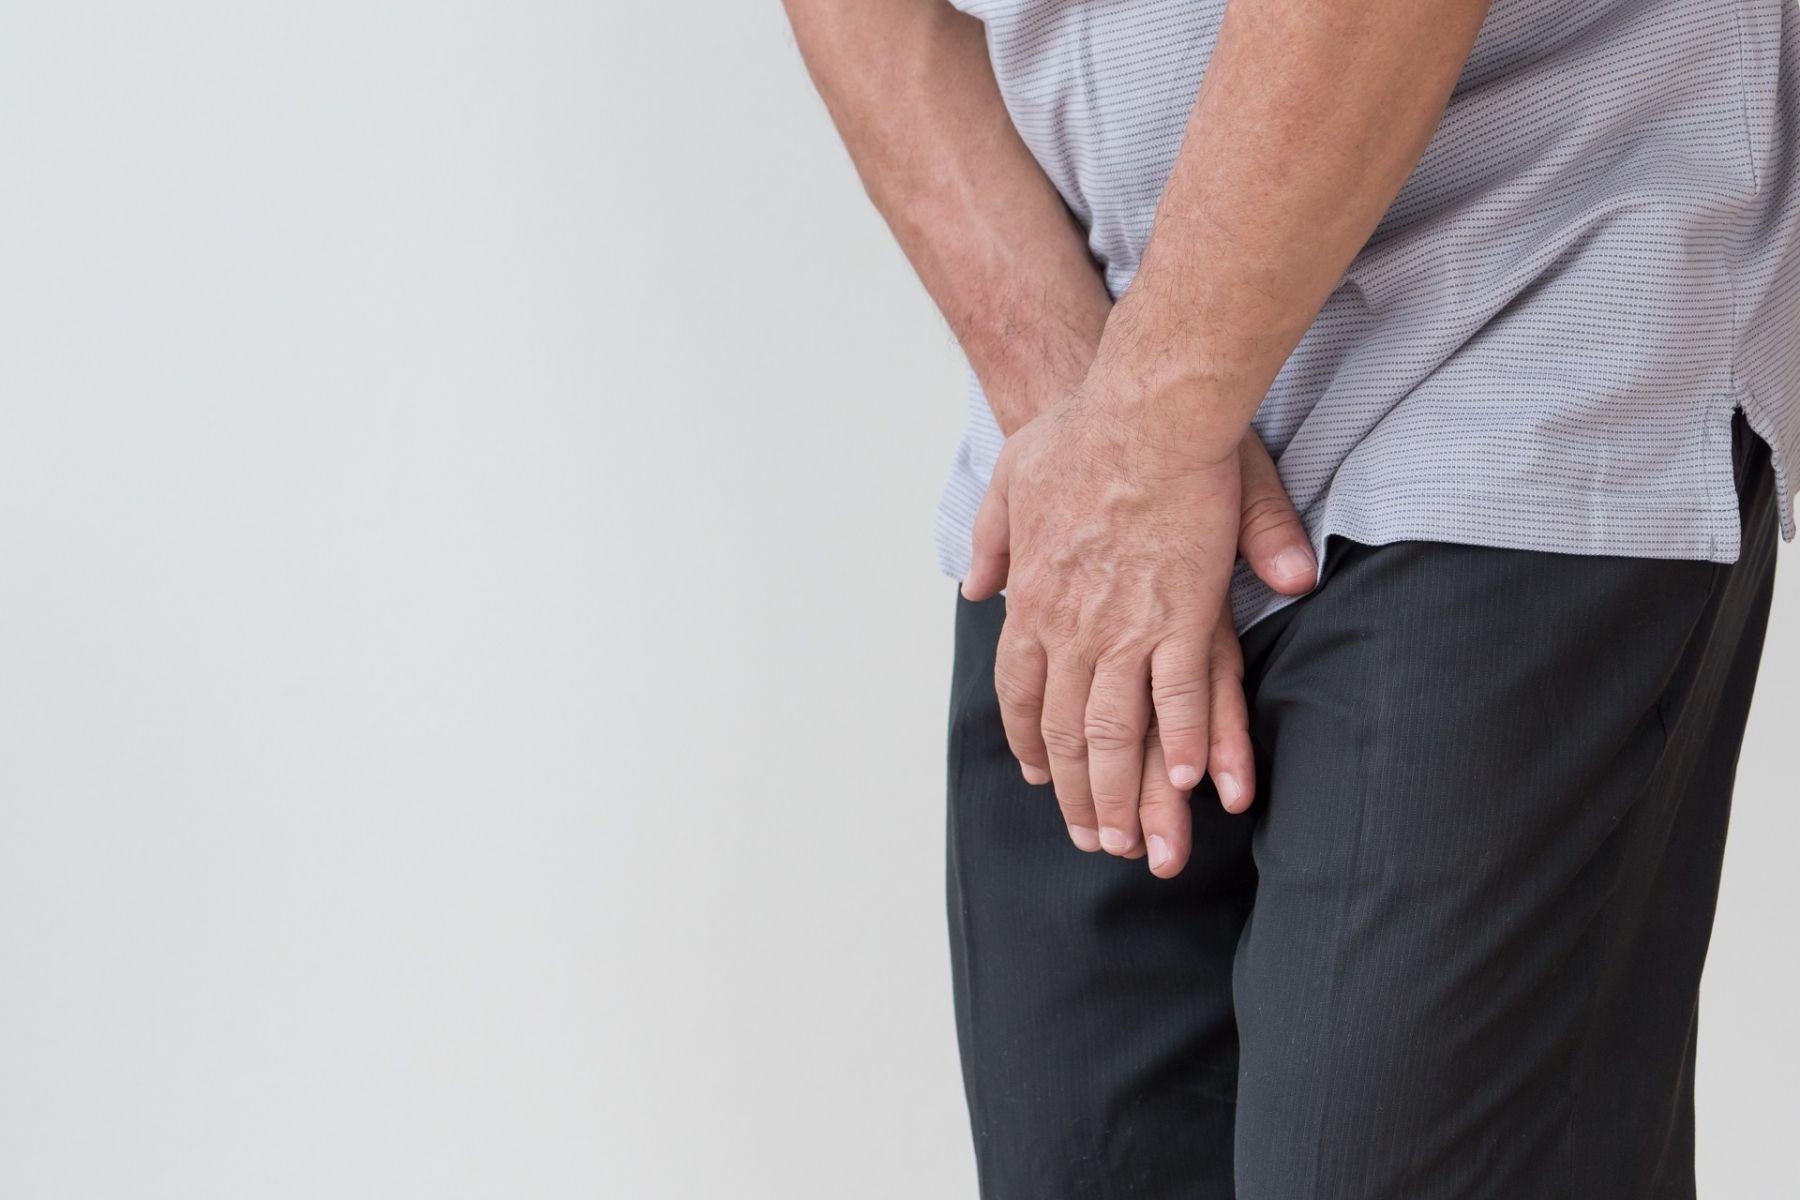 膀胱脹痛、排尿不順... 攝護腺肥大是主因!